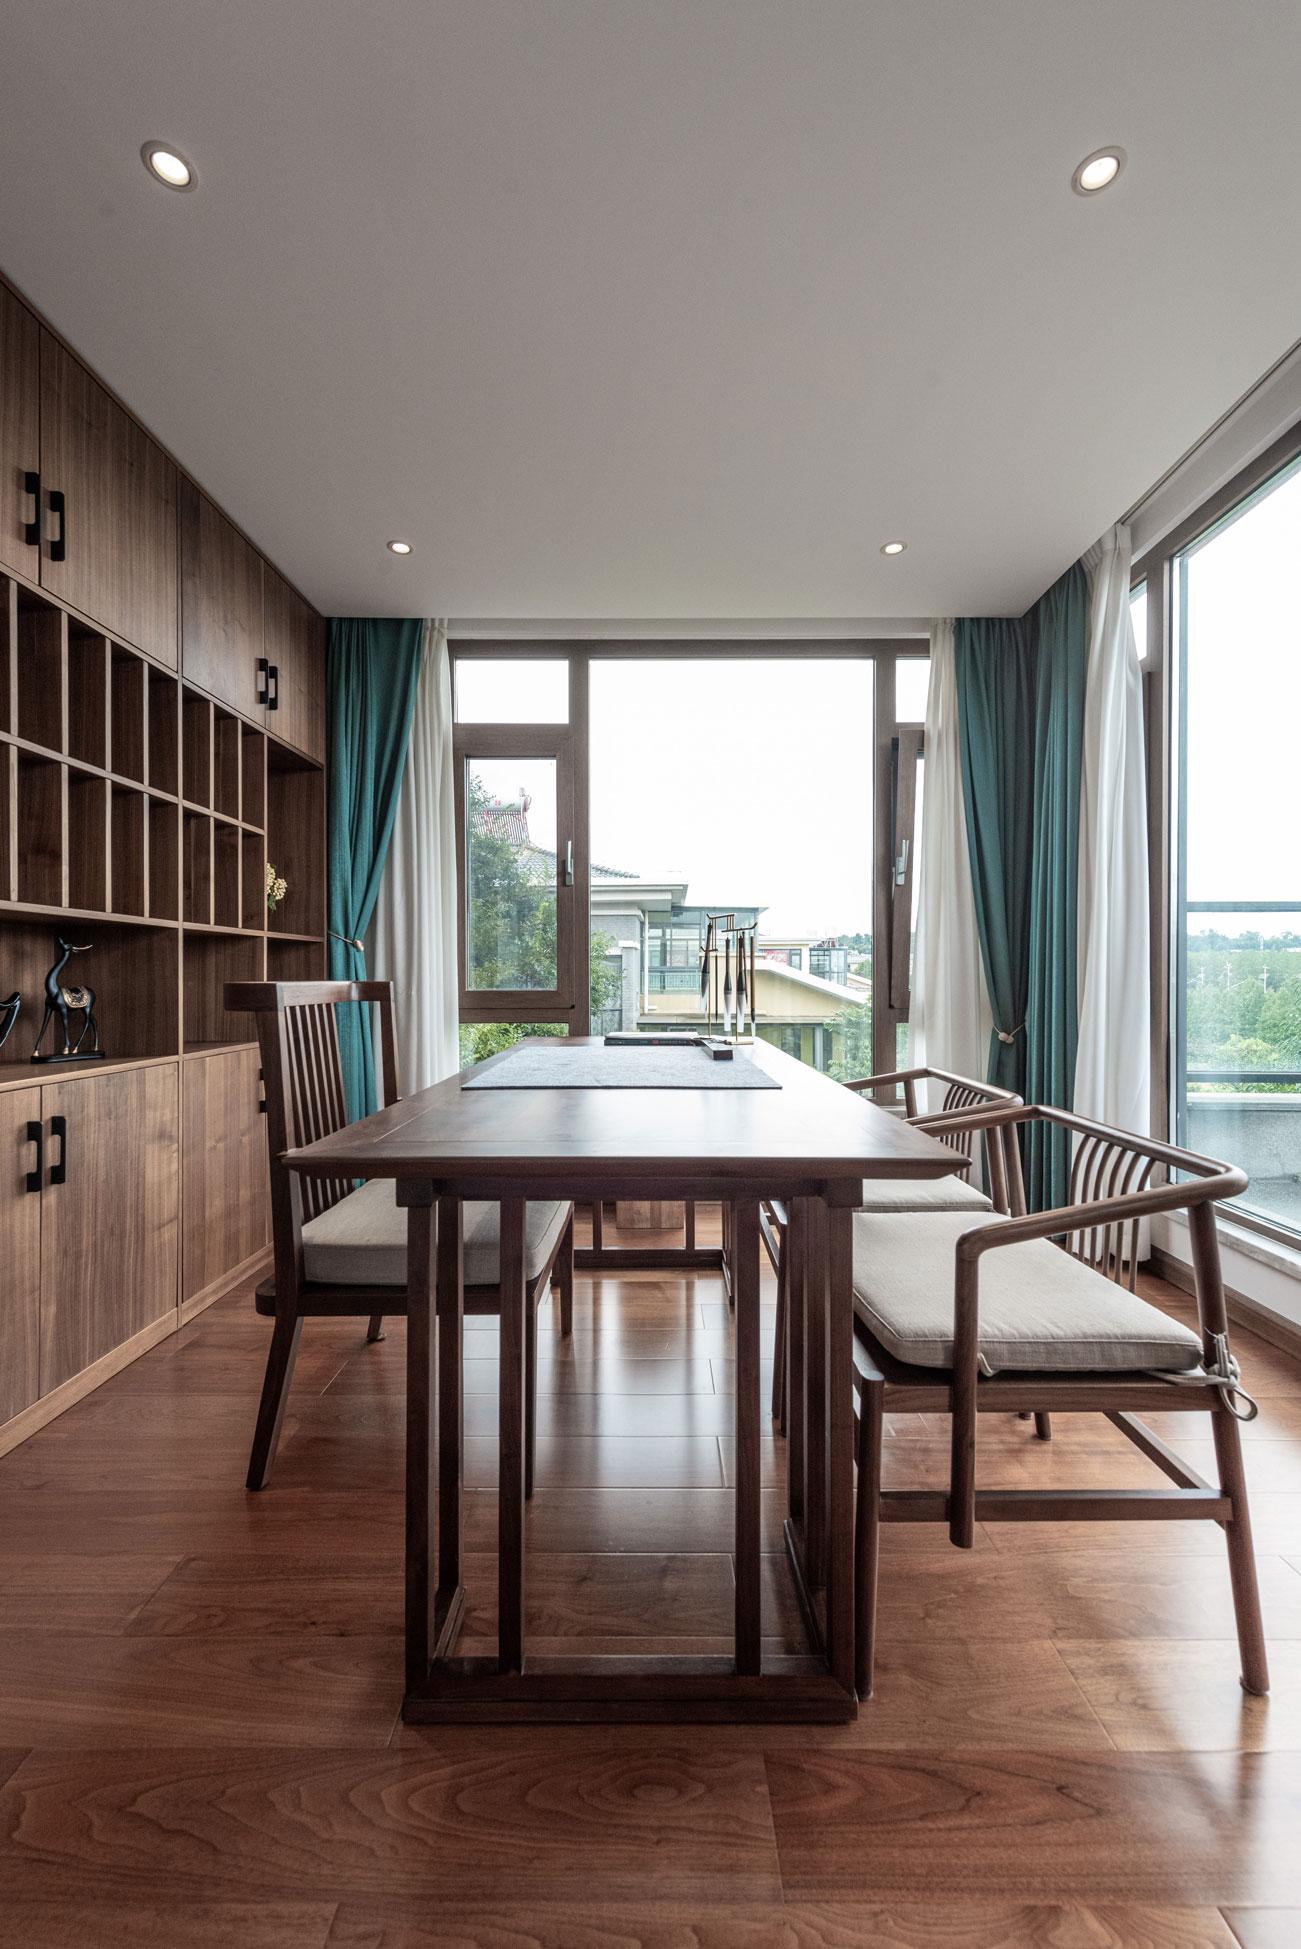 港湾 · 昆明星海湾独栋别墅设计丨长空创作